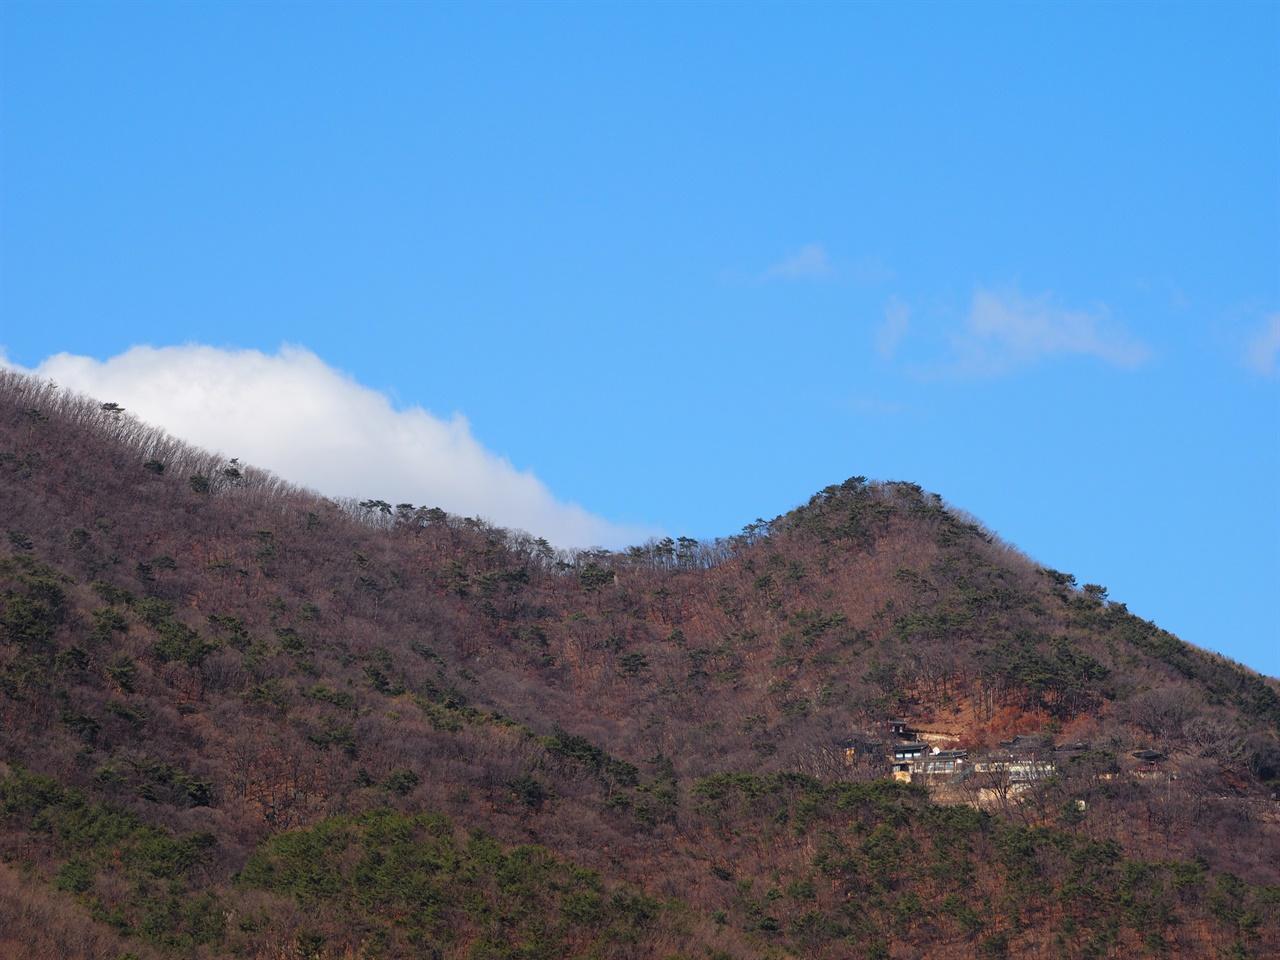 운길산역에서 바라본 수종사 해발 610m의 운길산 중턱에 폭 안겨있다.